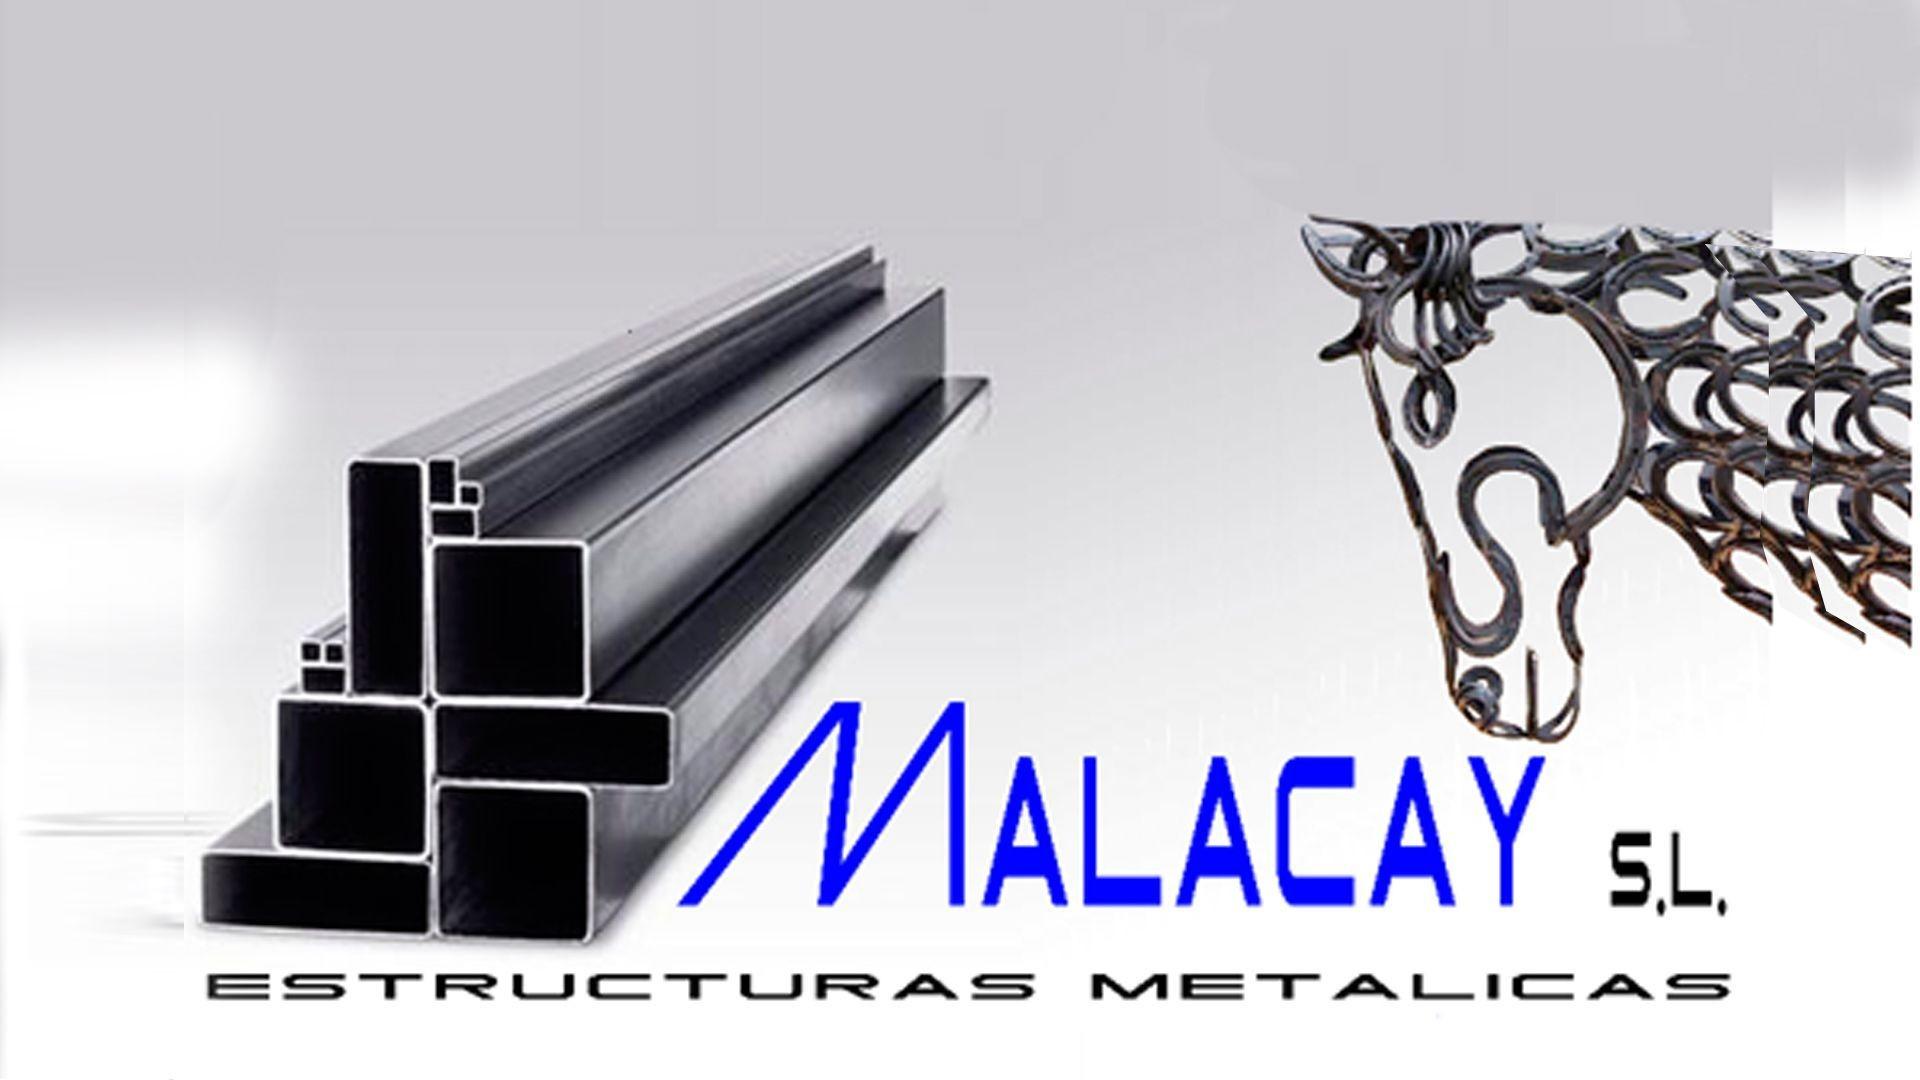 Estructura metálicas